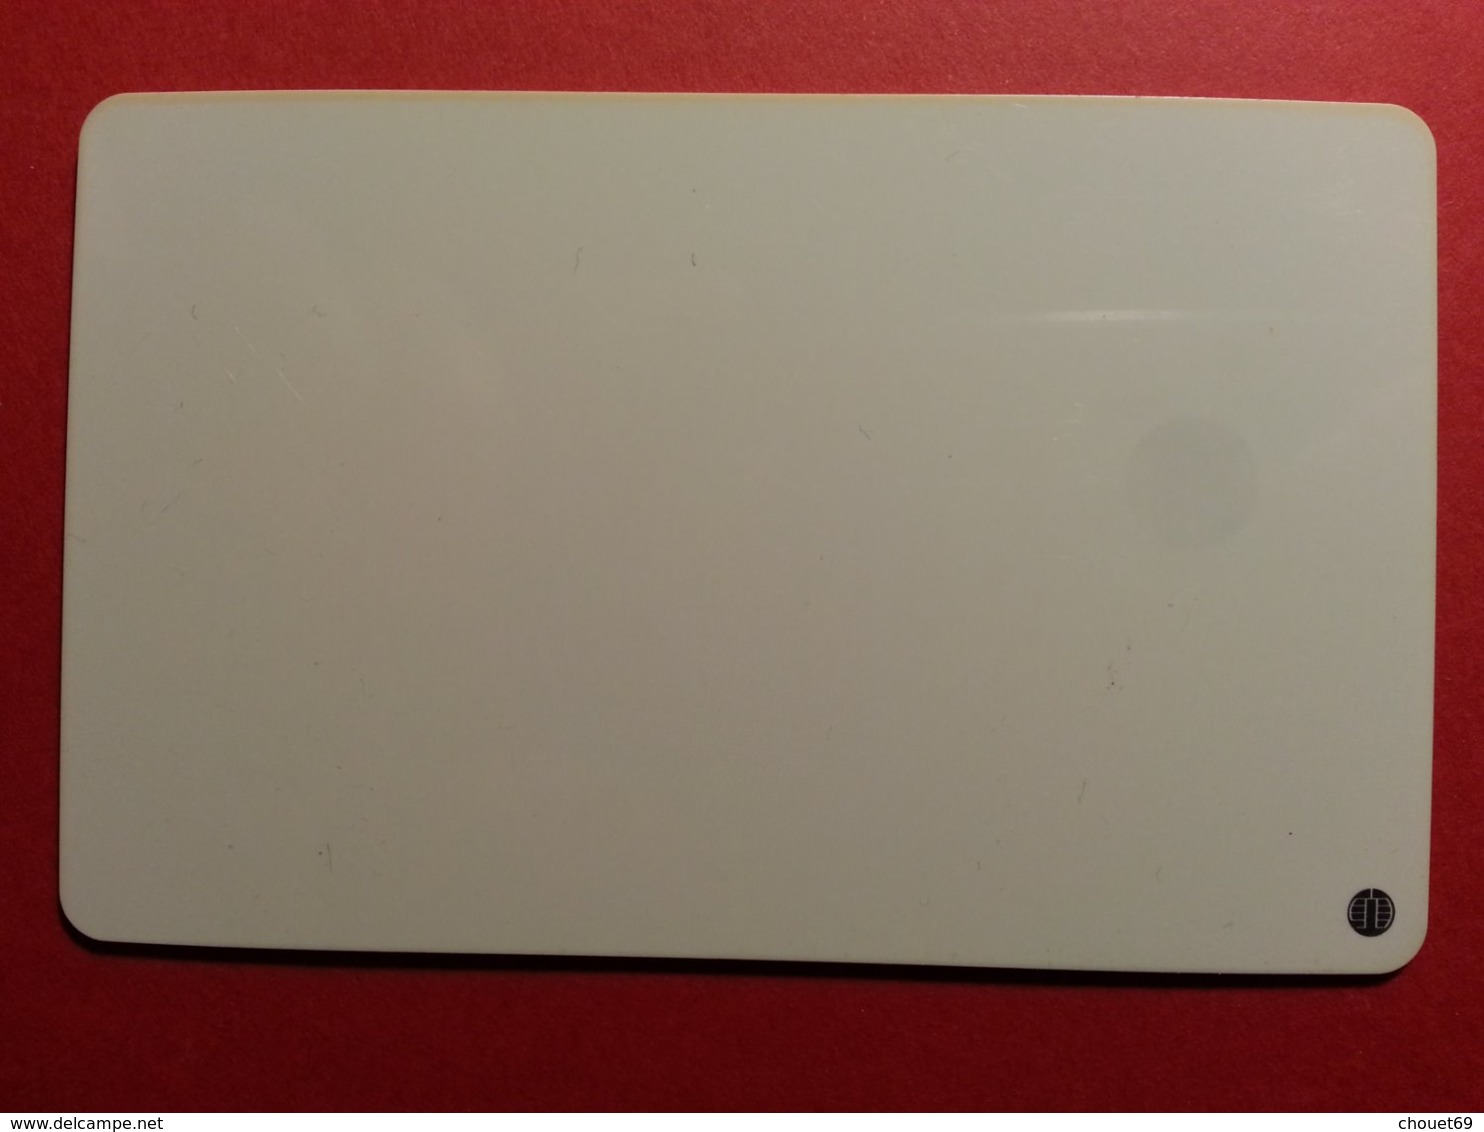 FE240 DEMO TEST SCHLUMBERGER SC7 50u Chargée Mint (BF1217 - Herkunft Unbekannt